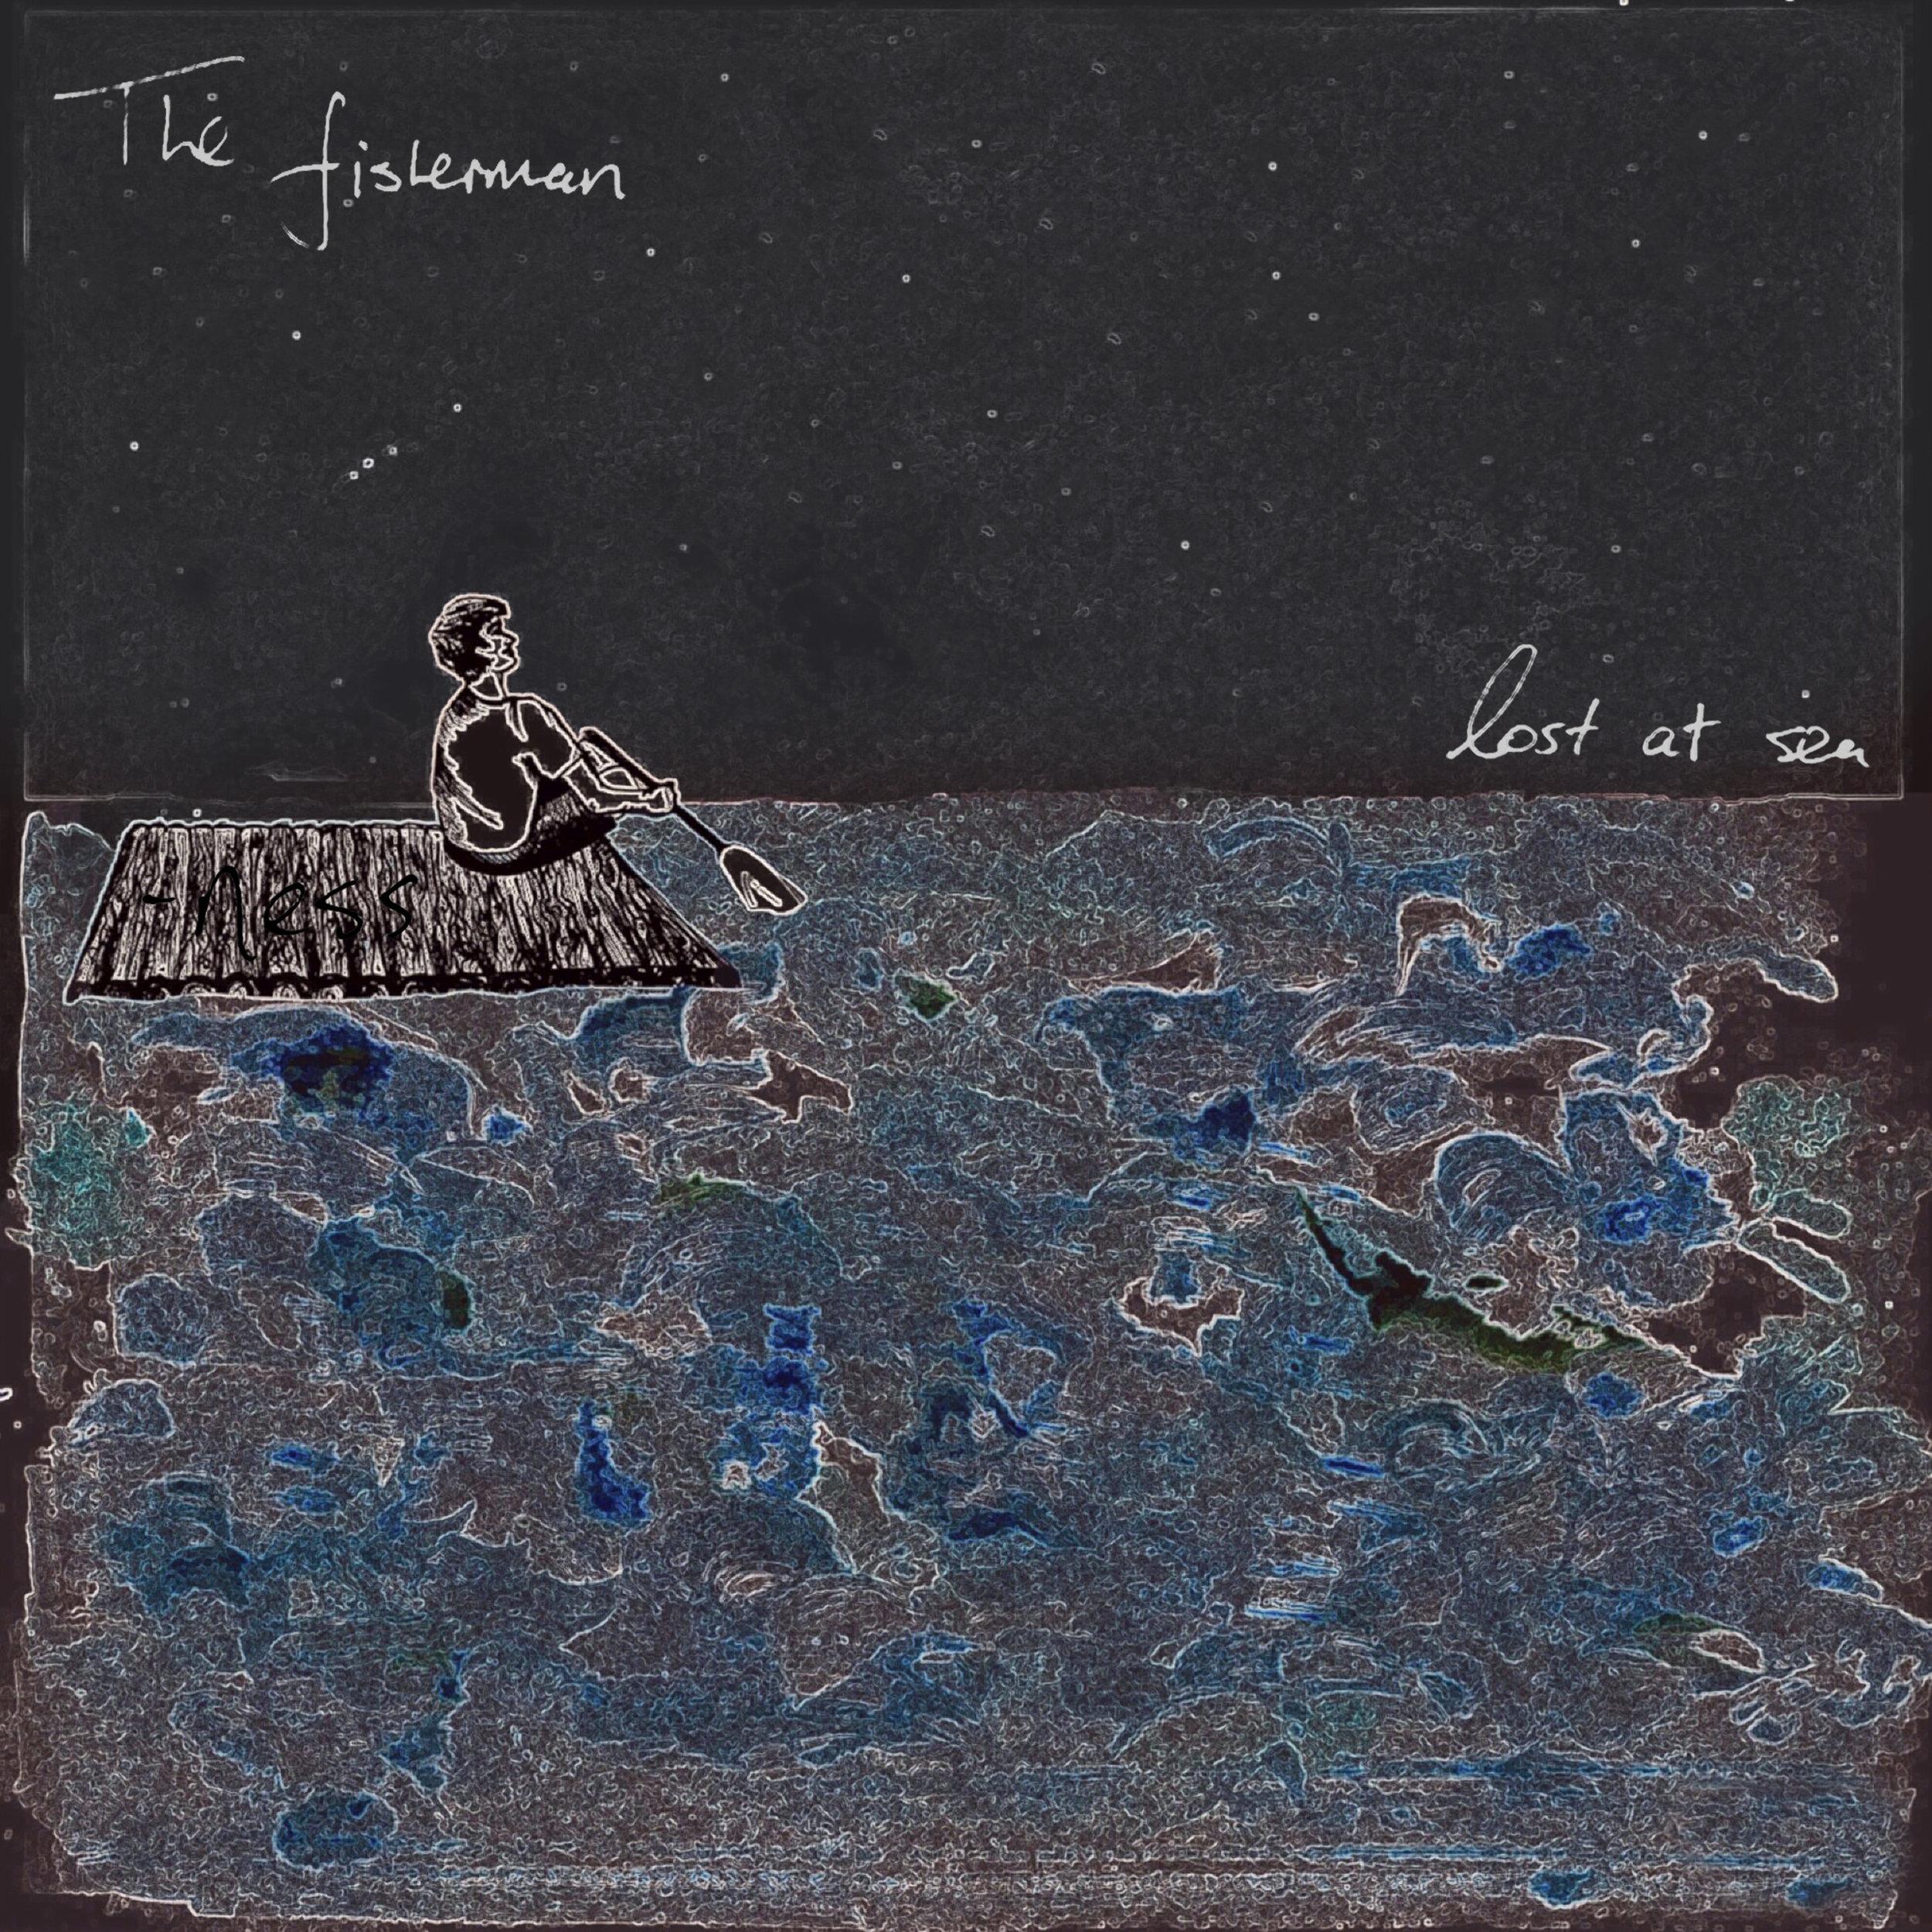 thefishermanlostatsea.jpg